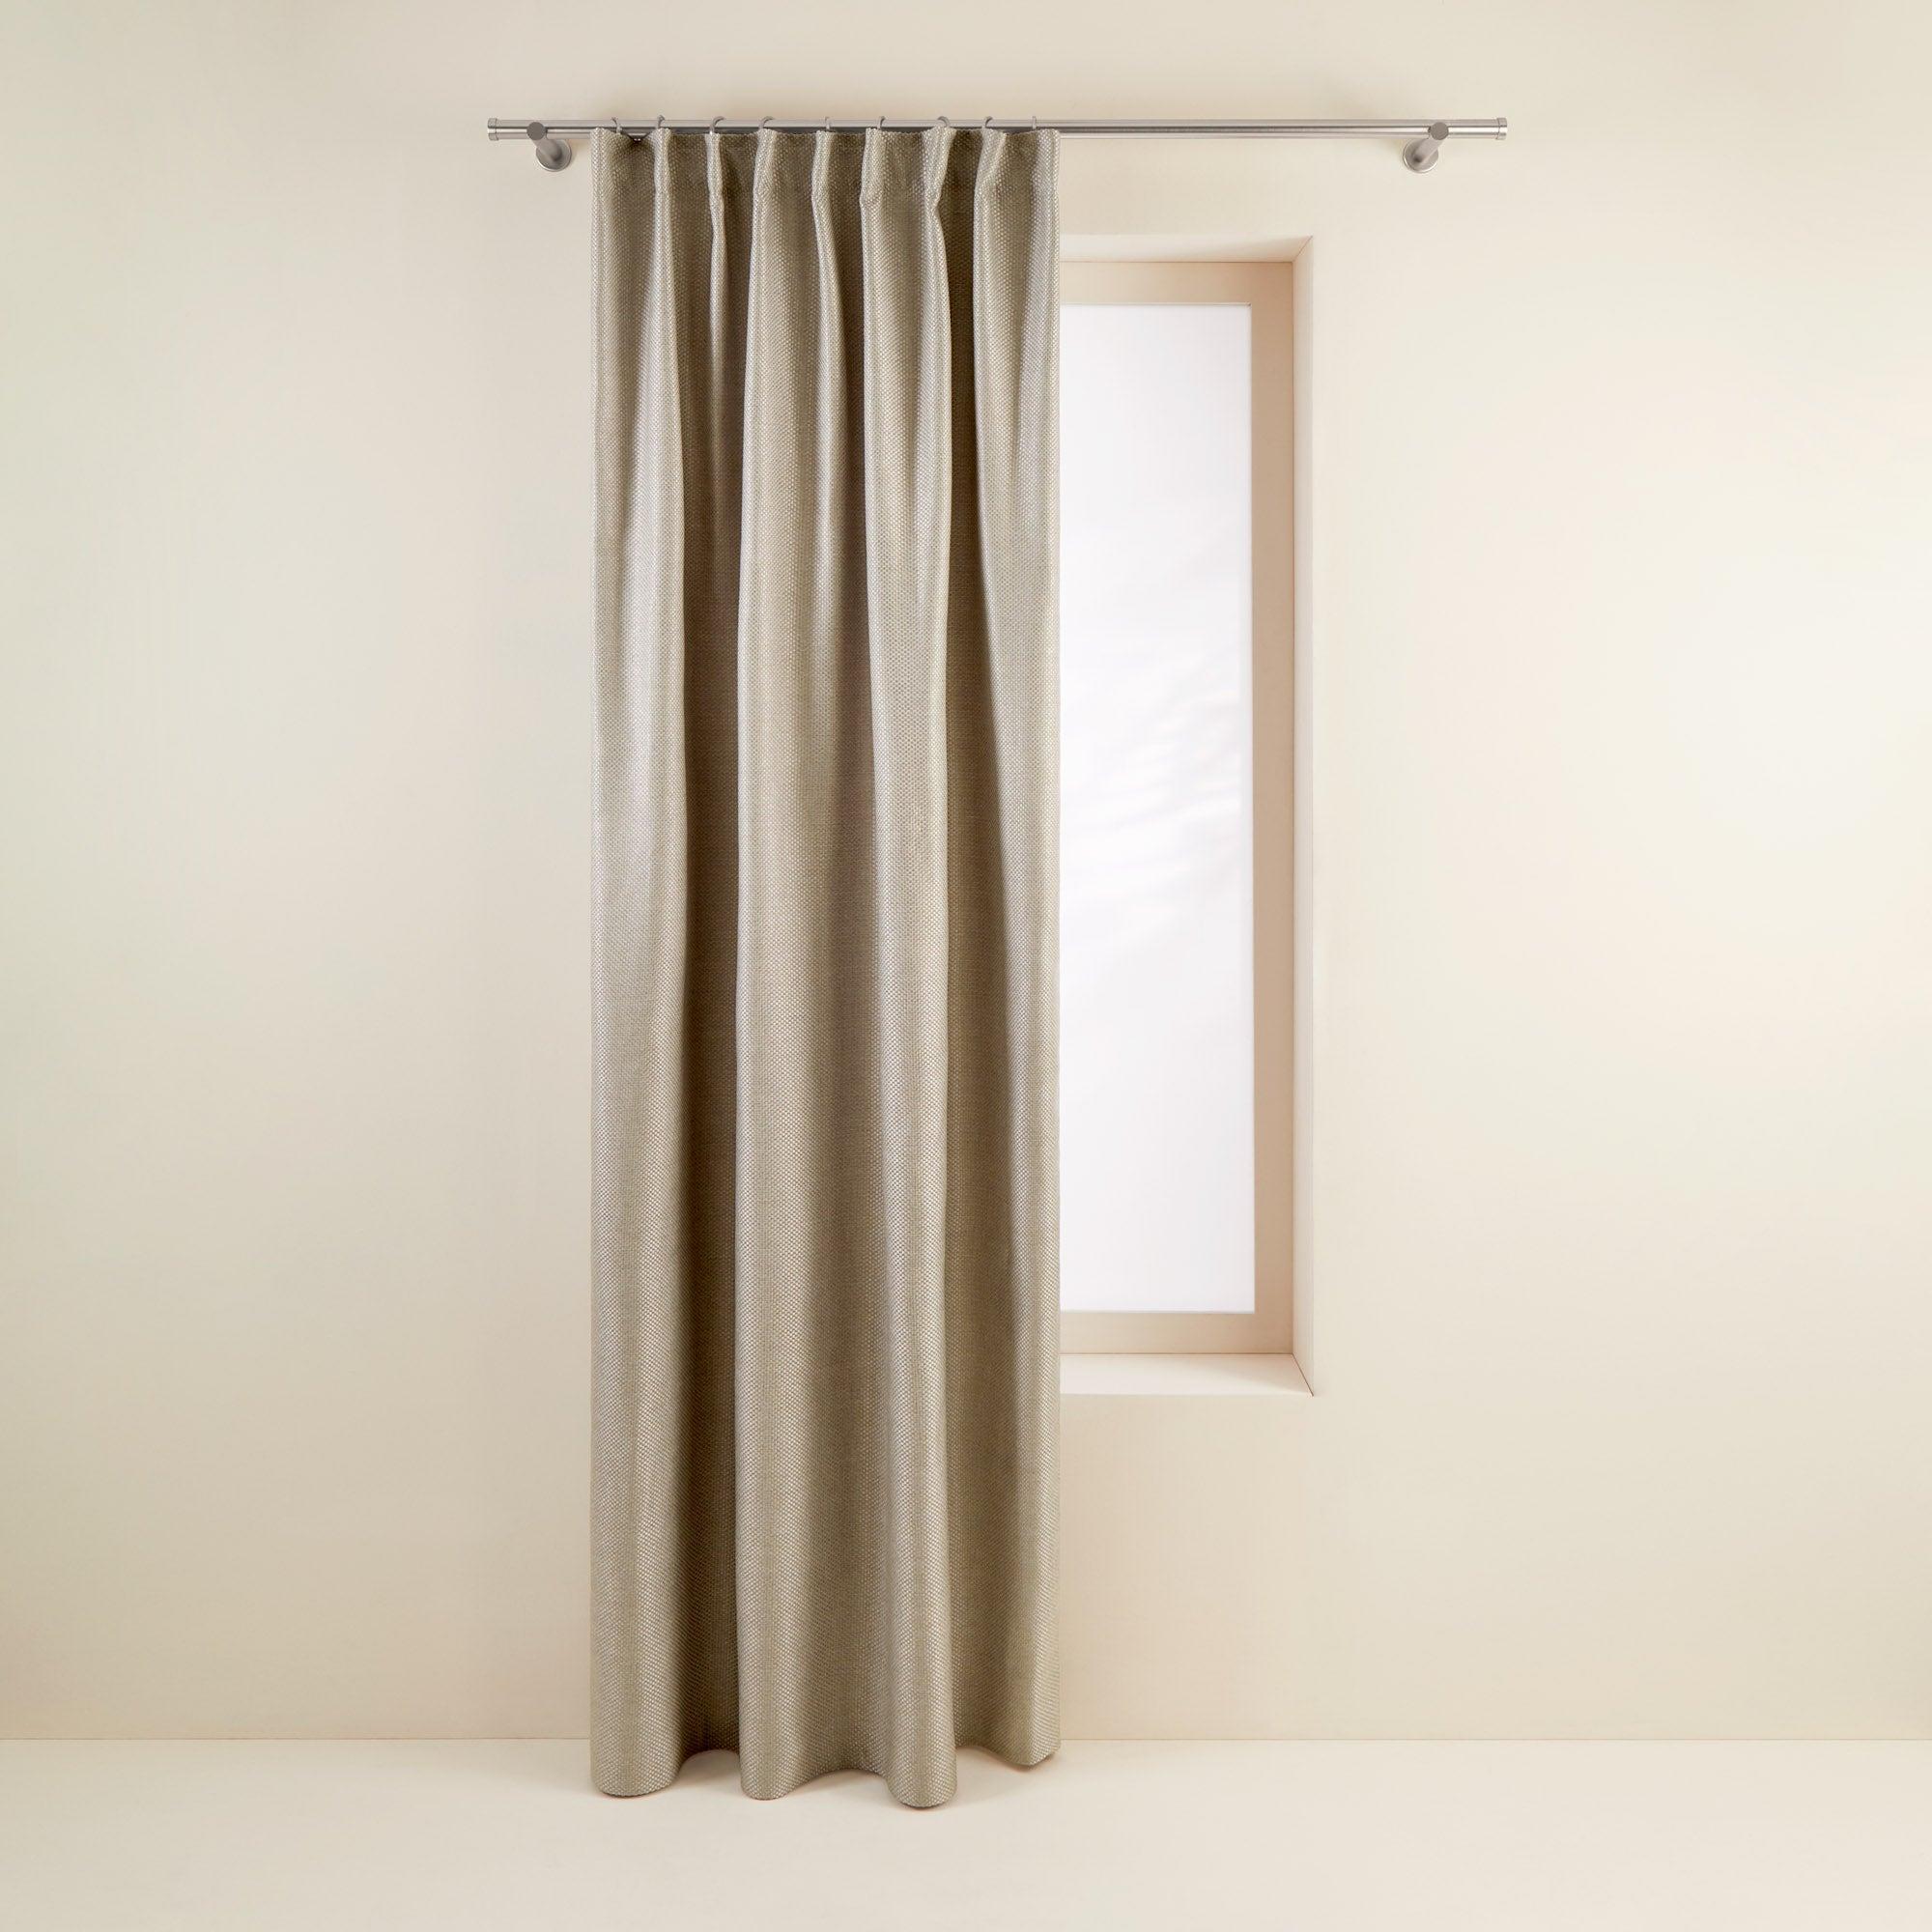 Rideau à ruban fronceur 145x280 cm Beige clair